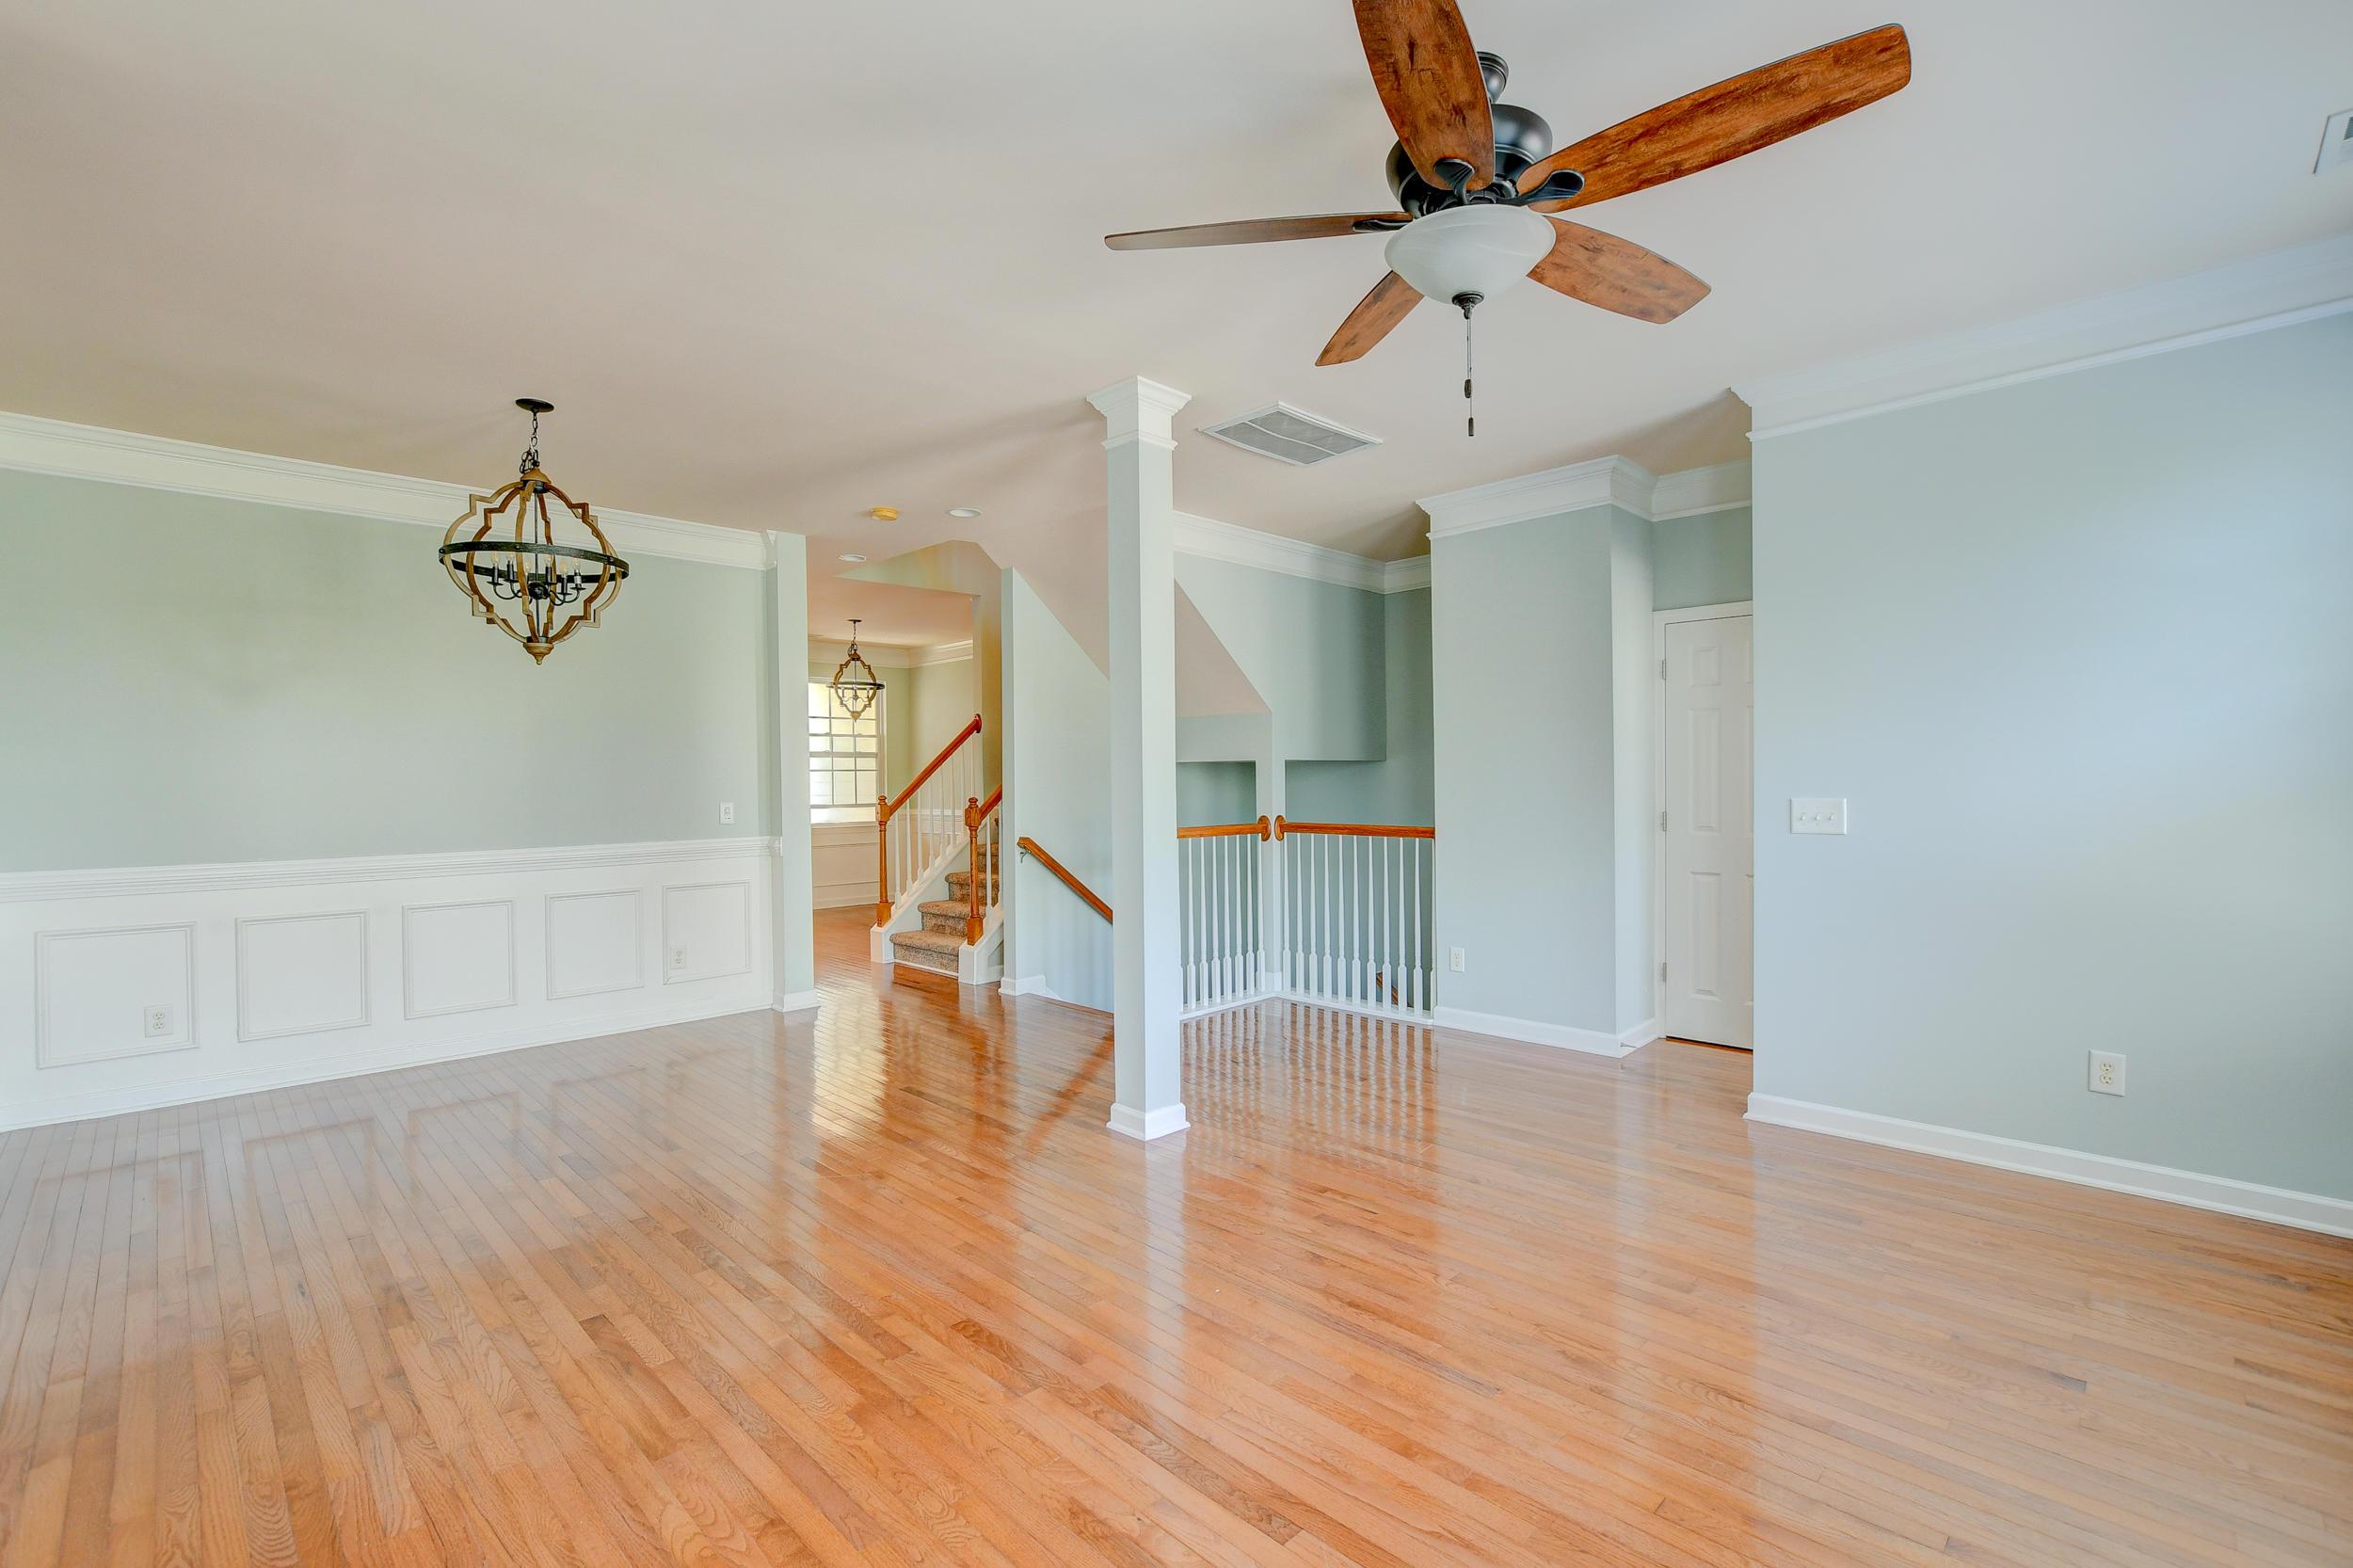 Park West Homes For Sale - 3545 Claremont, Mount Pleasant, SC - 28